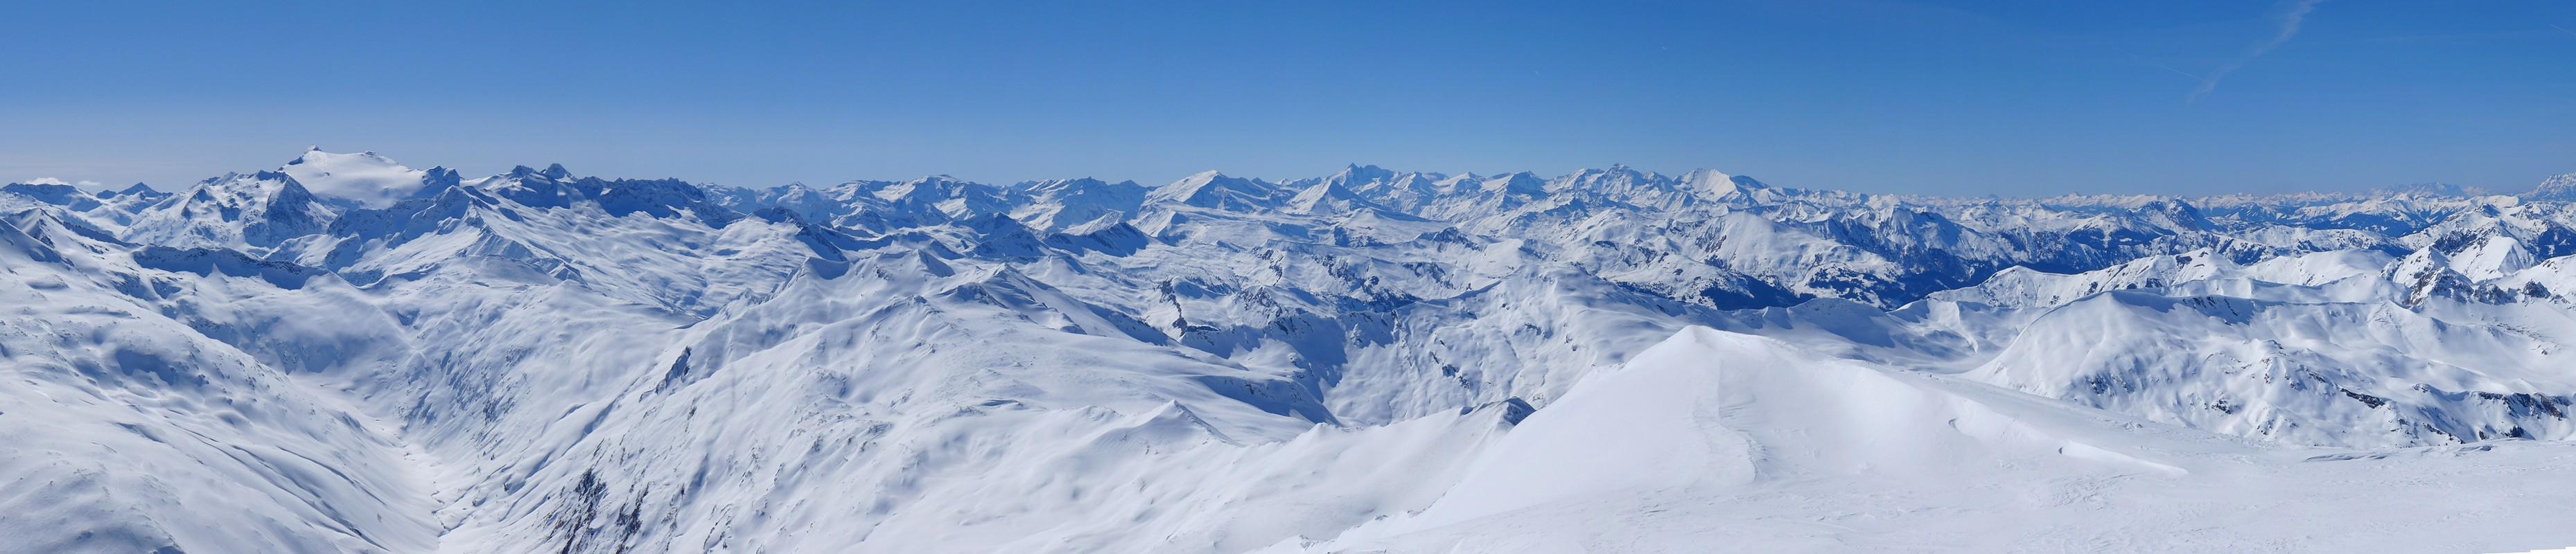 Weisseck Niedere Tauern Rakousko panorama 33